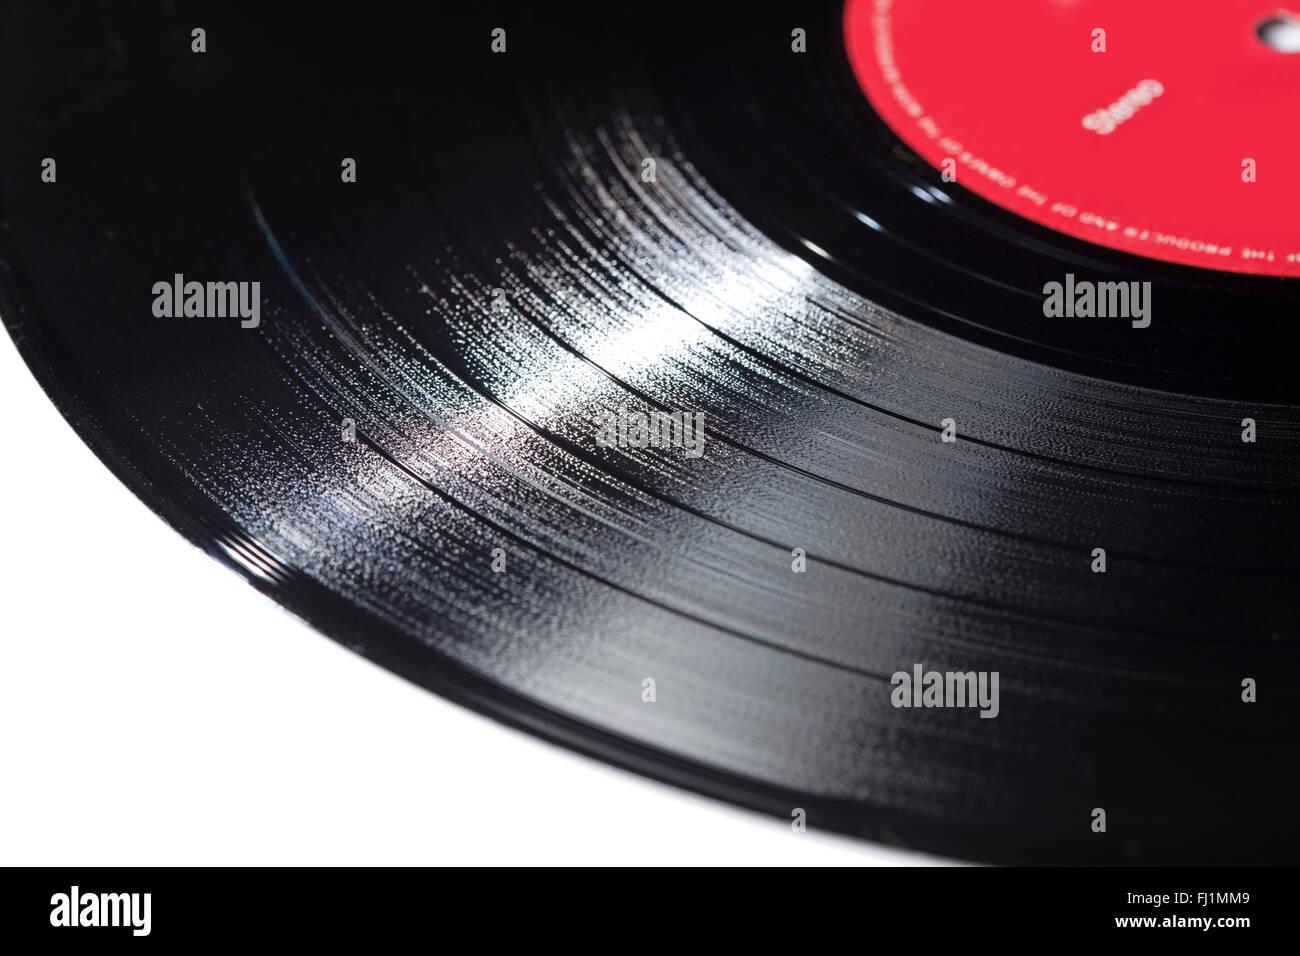 Vinyl record - Stock Image